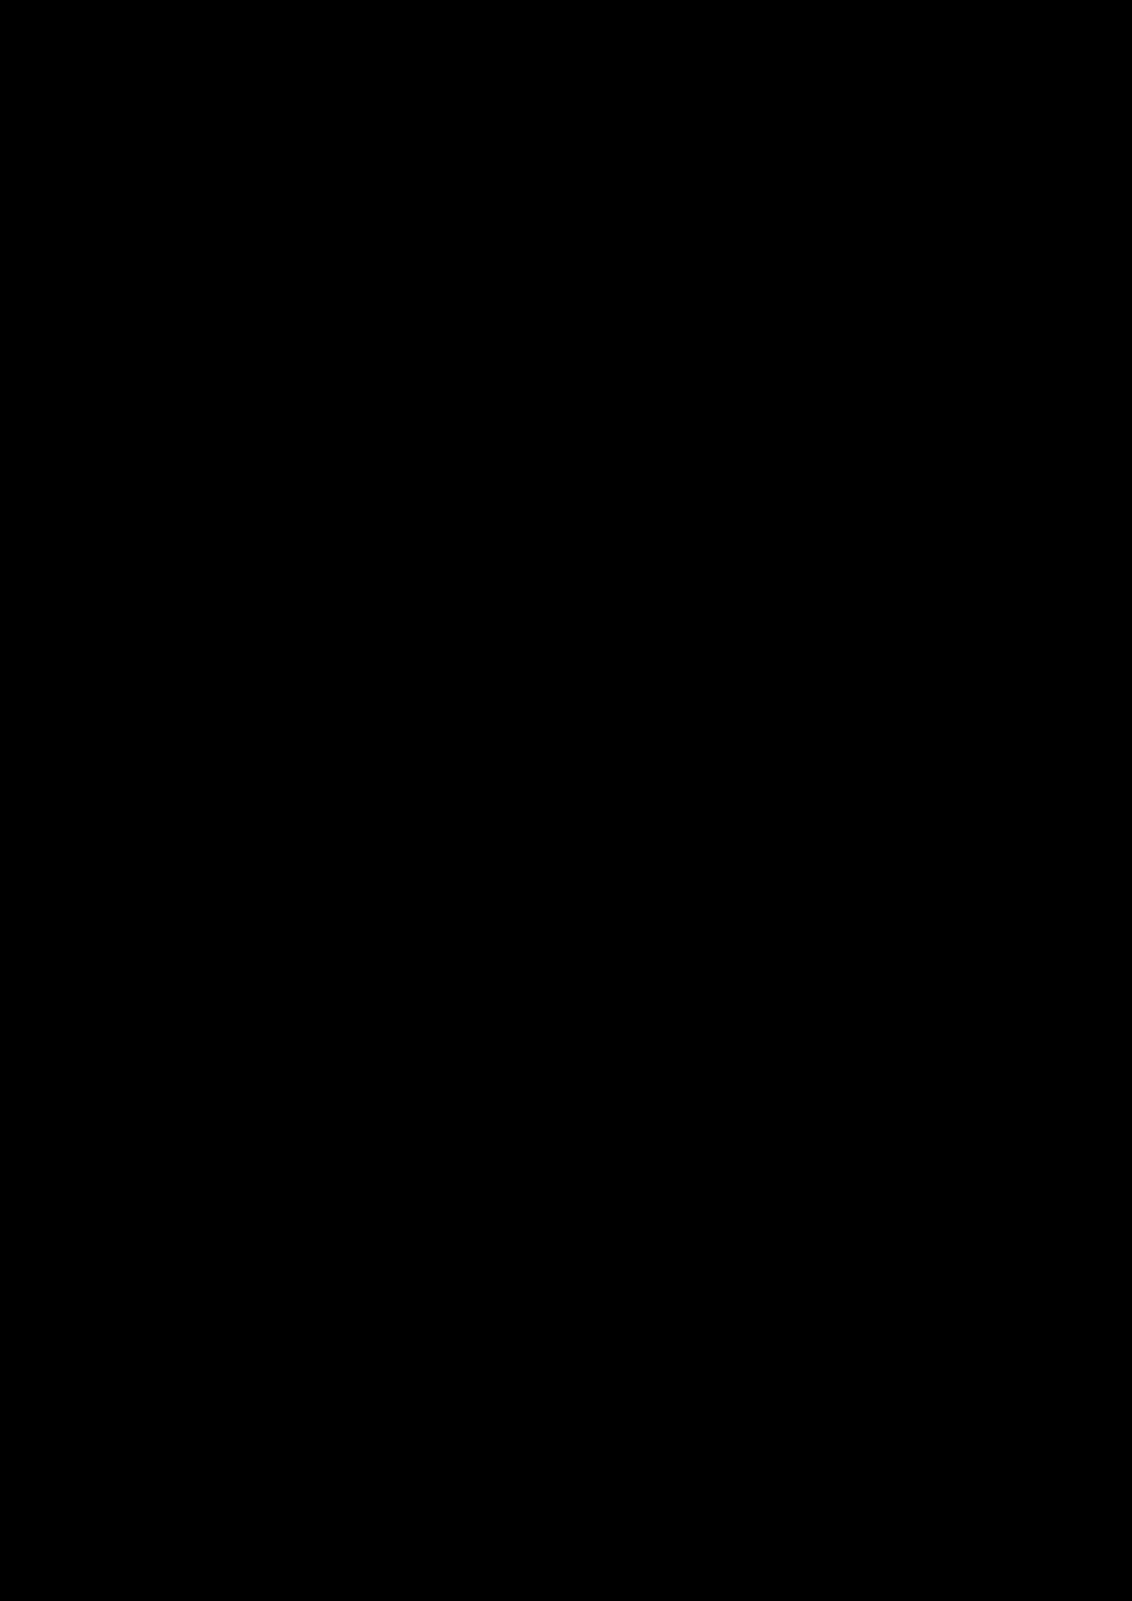 Serdtse slide, Image 52